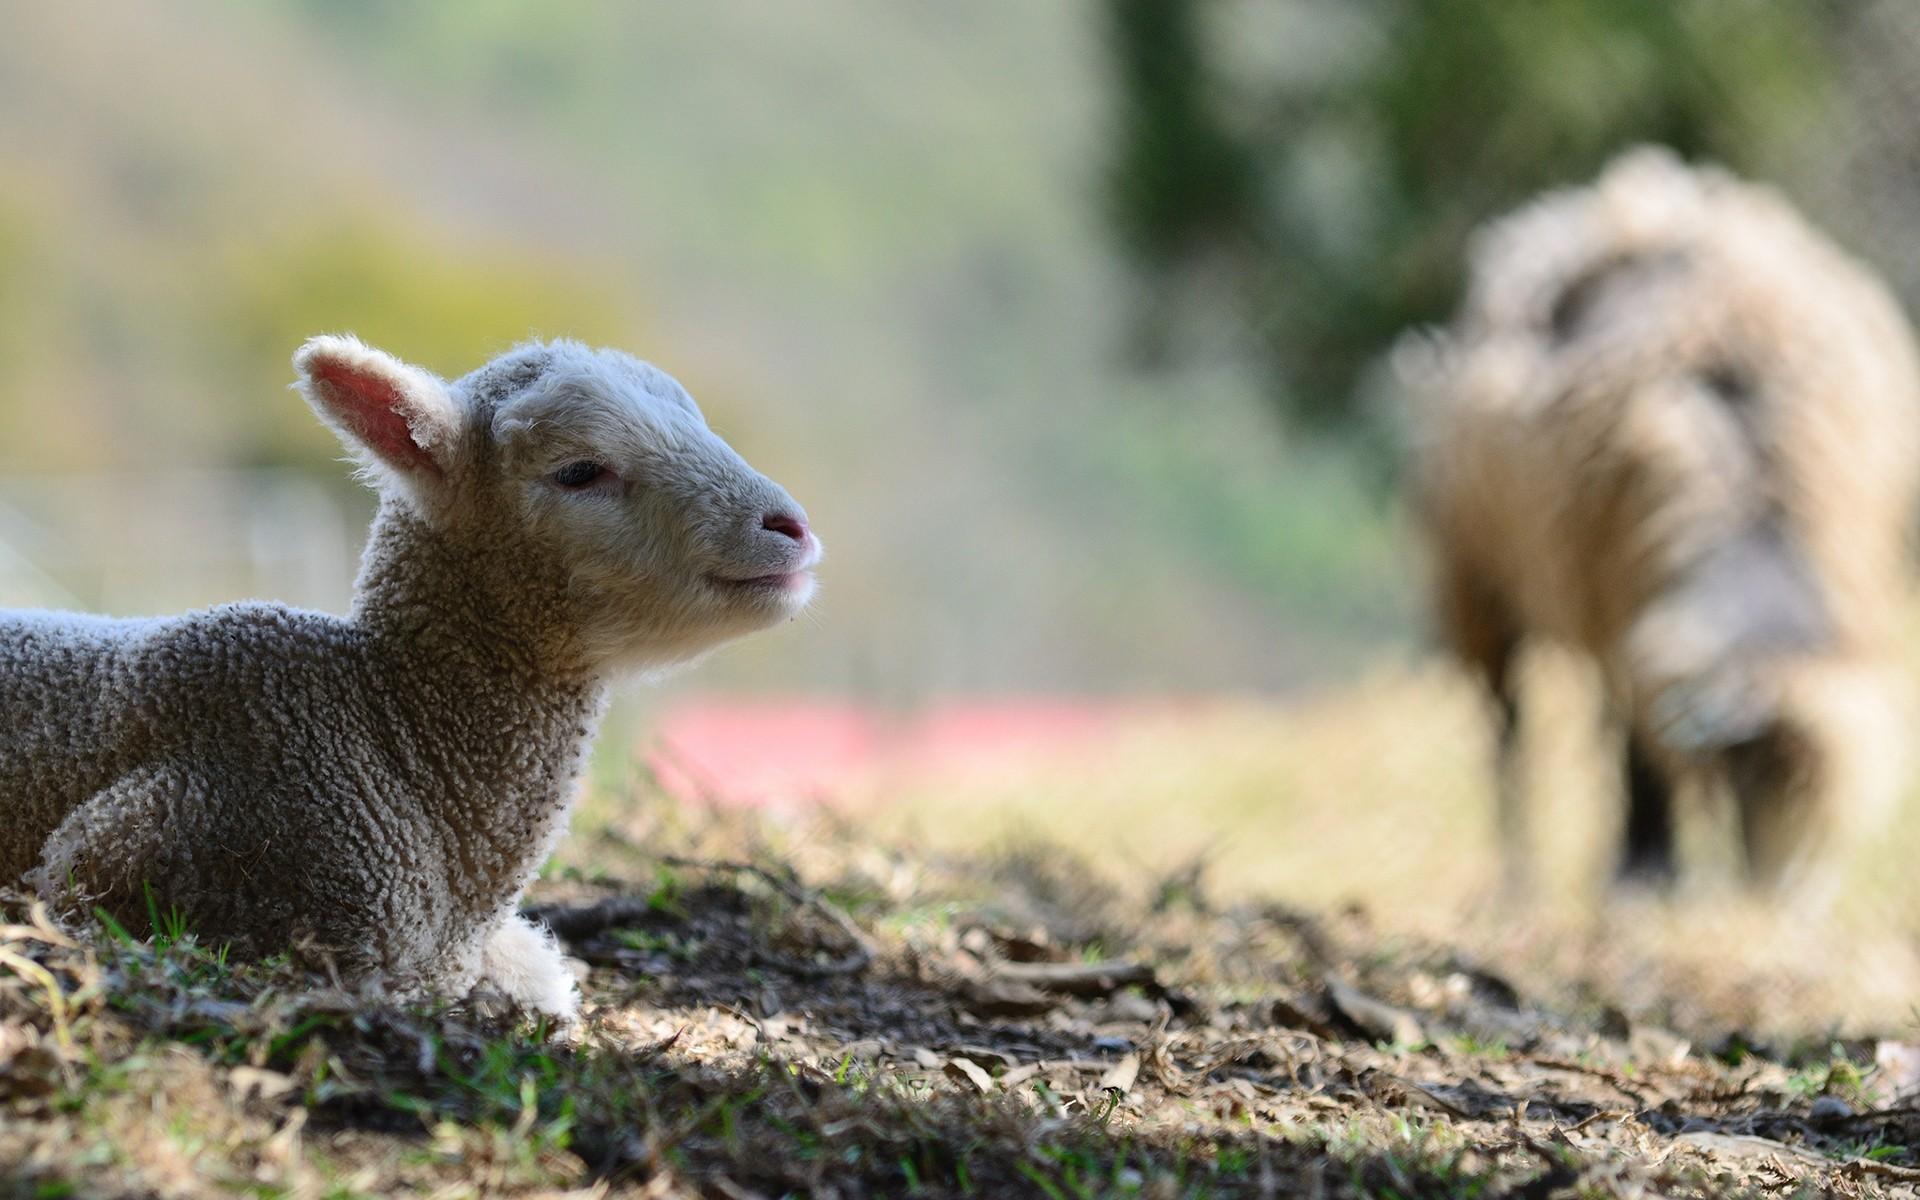 Una oveja - 1920x1200